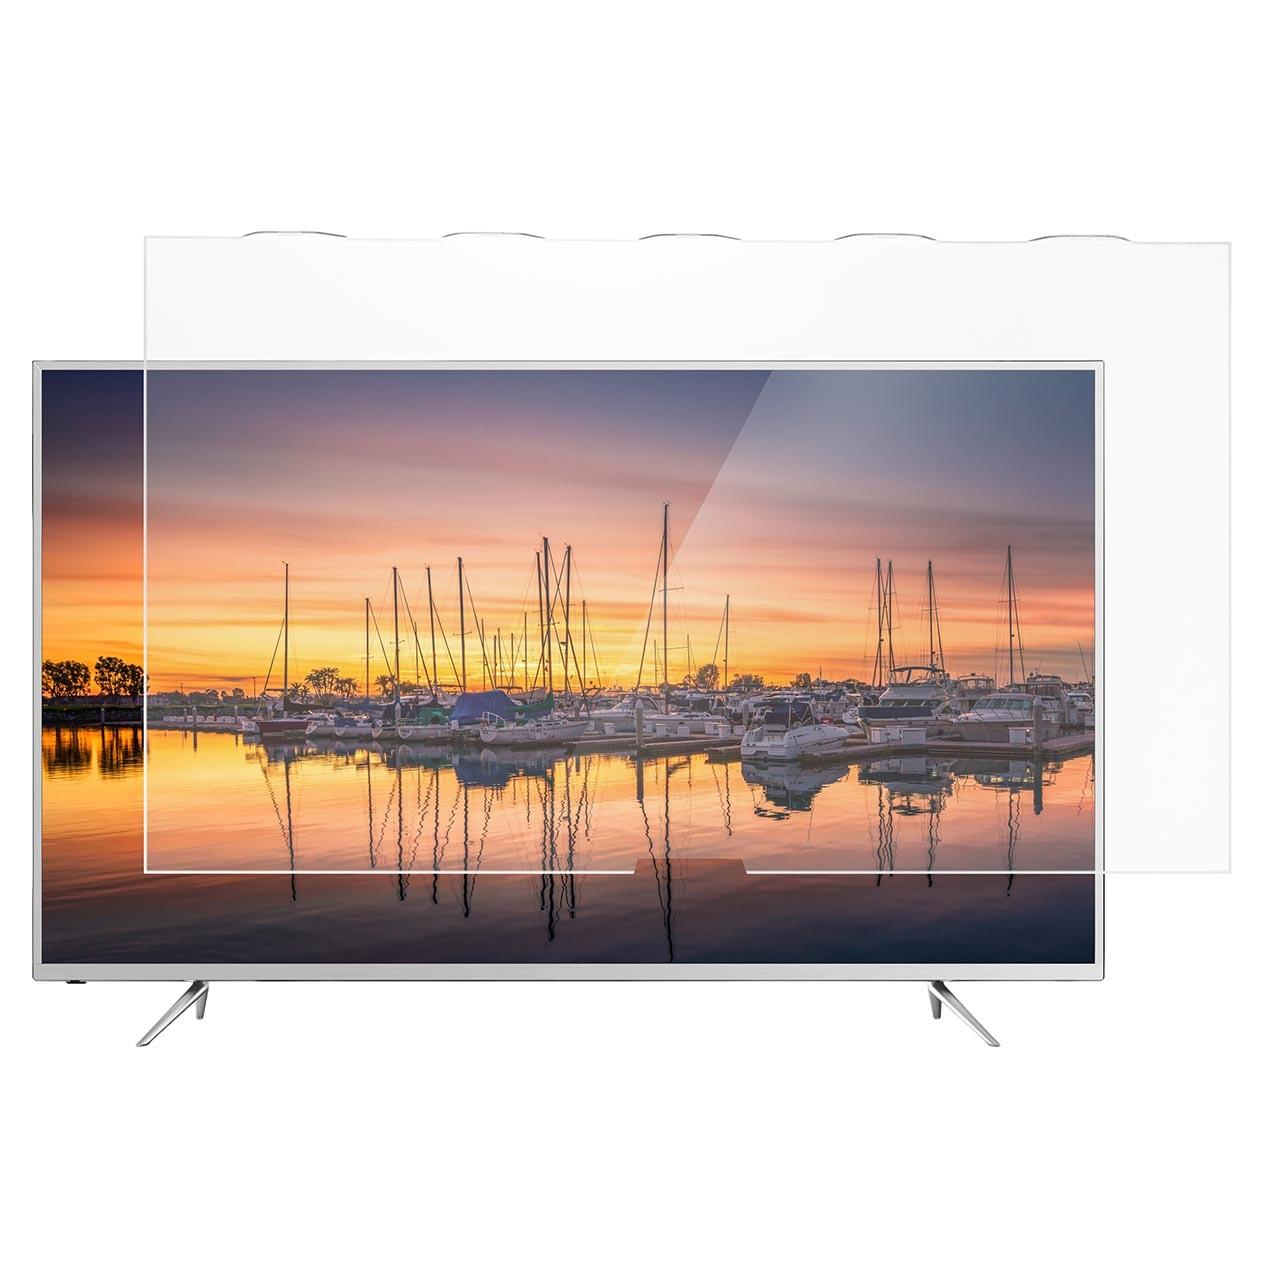 محافظ صفحه تلویزیون منحنی اس اچ مدل S-49-6975 مناسب برای تلویزیون منحنی سامسونگ 49 اینچ مدلهای 6965-6975-6950